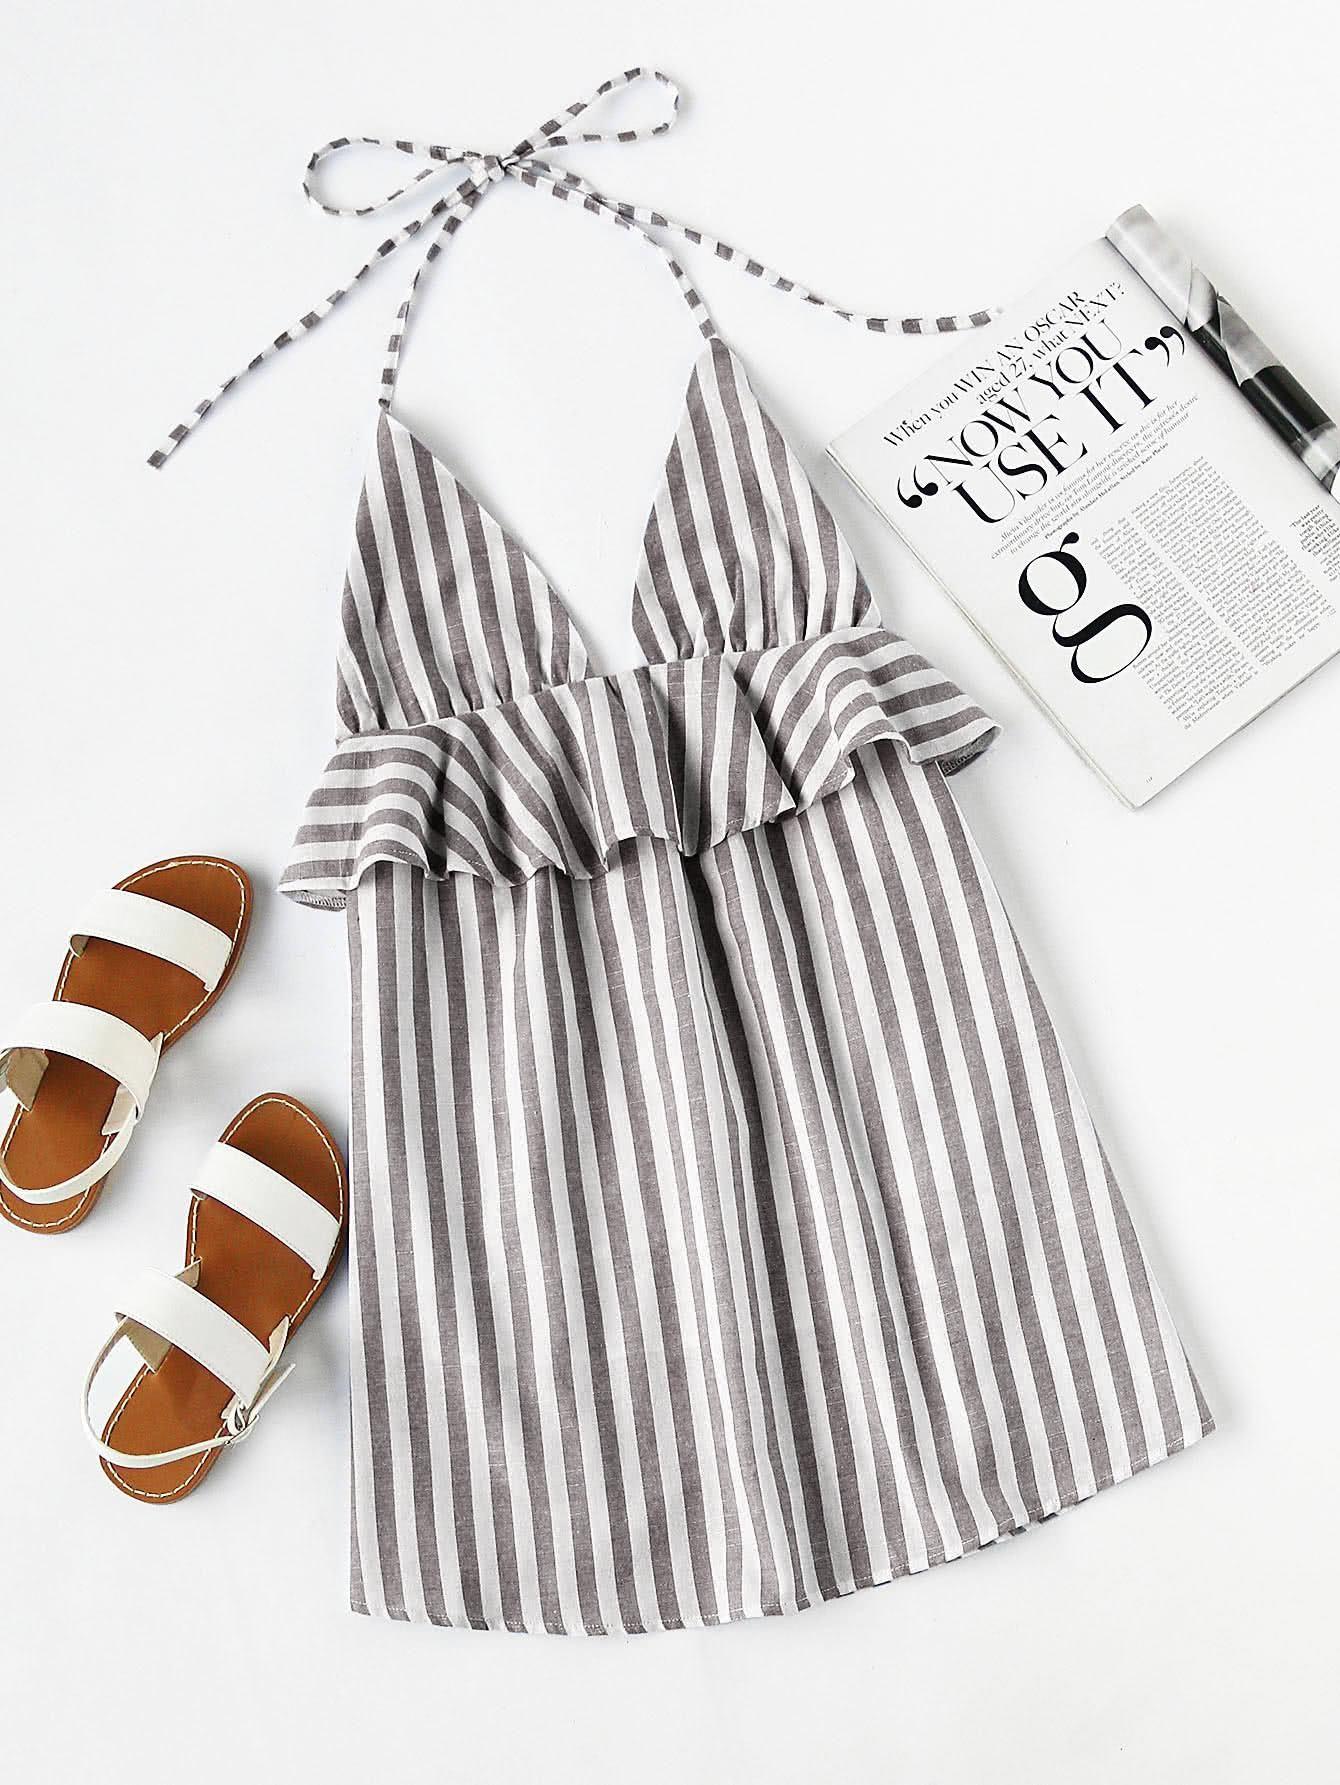 SheIn - SheIn Halter Neck Vertical Striped Frill Trim Dress ...